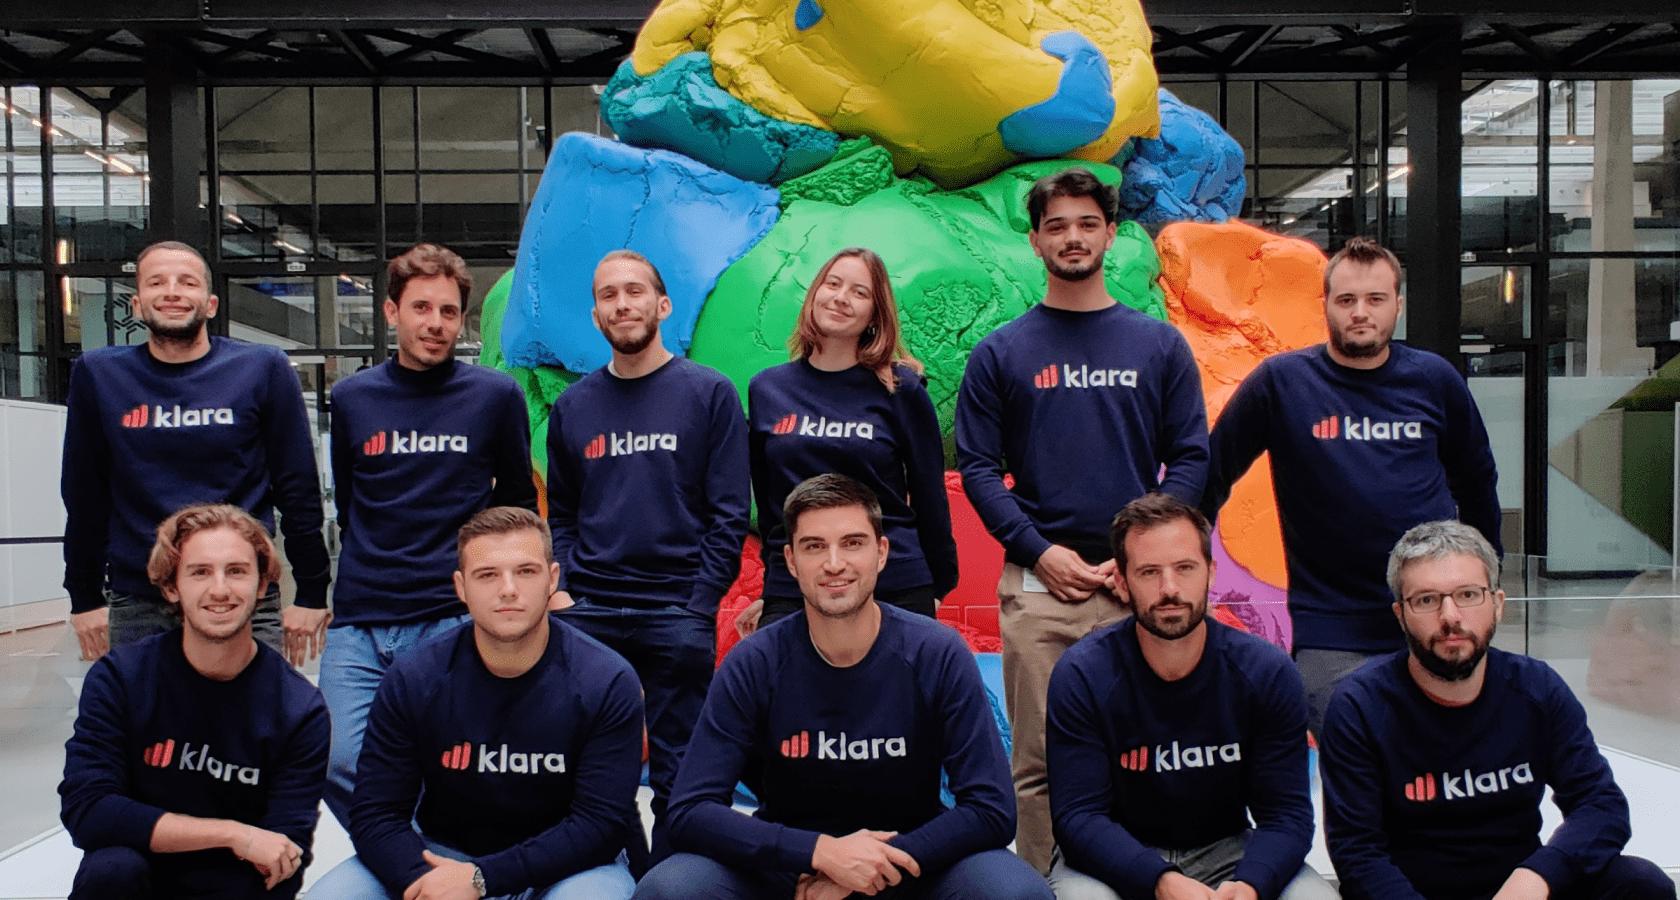 L'équipe Klara à Station F